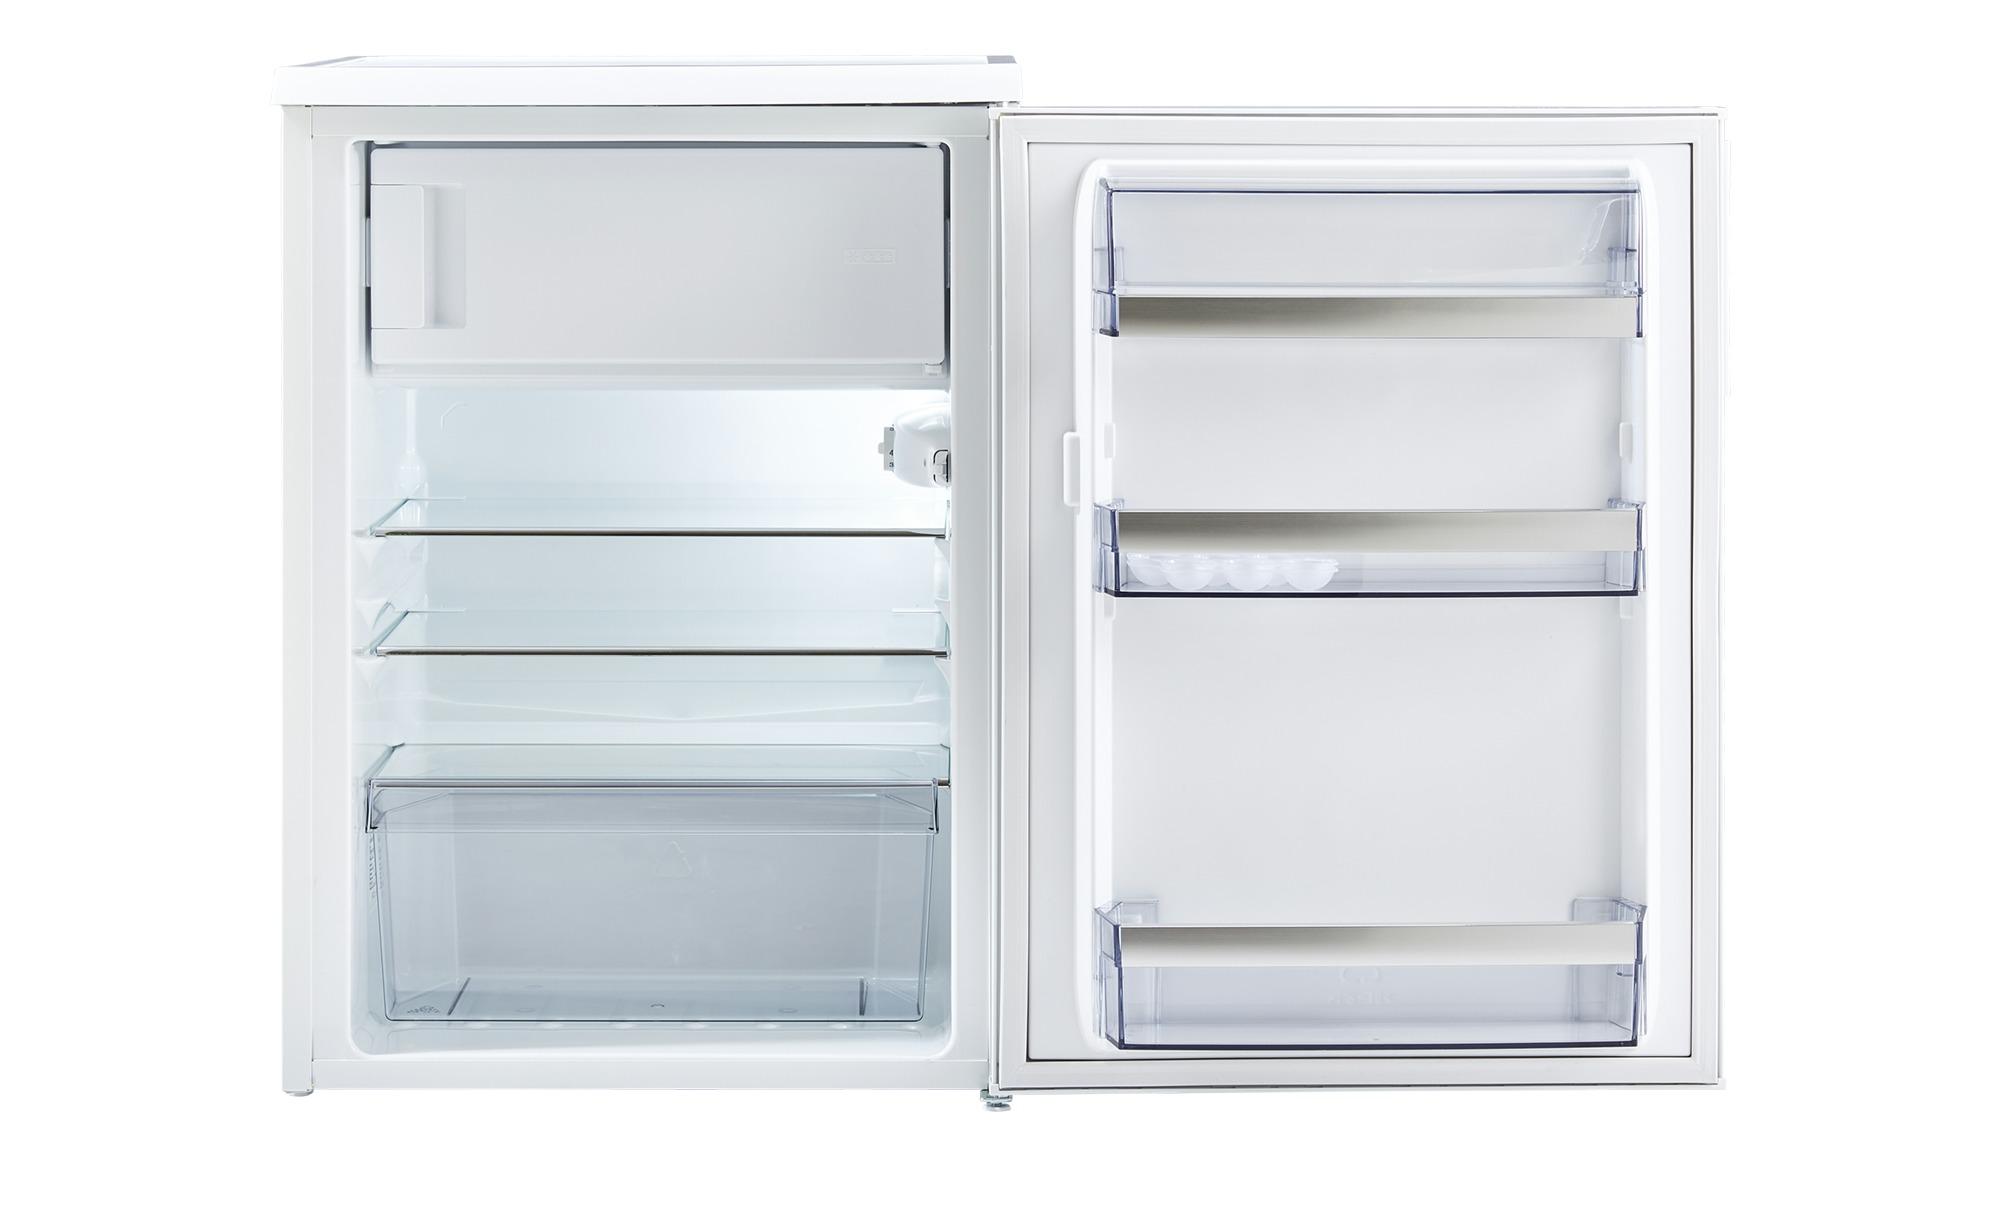 Aeg Unterbau Kühlschrank Ohne Gefrierfach : Aeg kühlschrank rtb aw möbel höffner